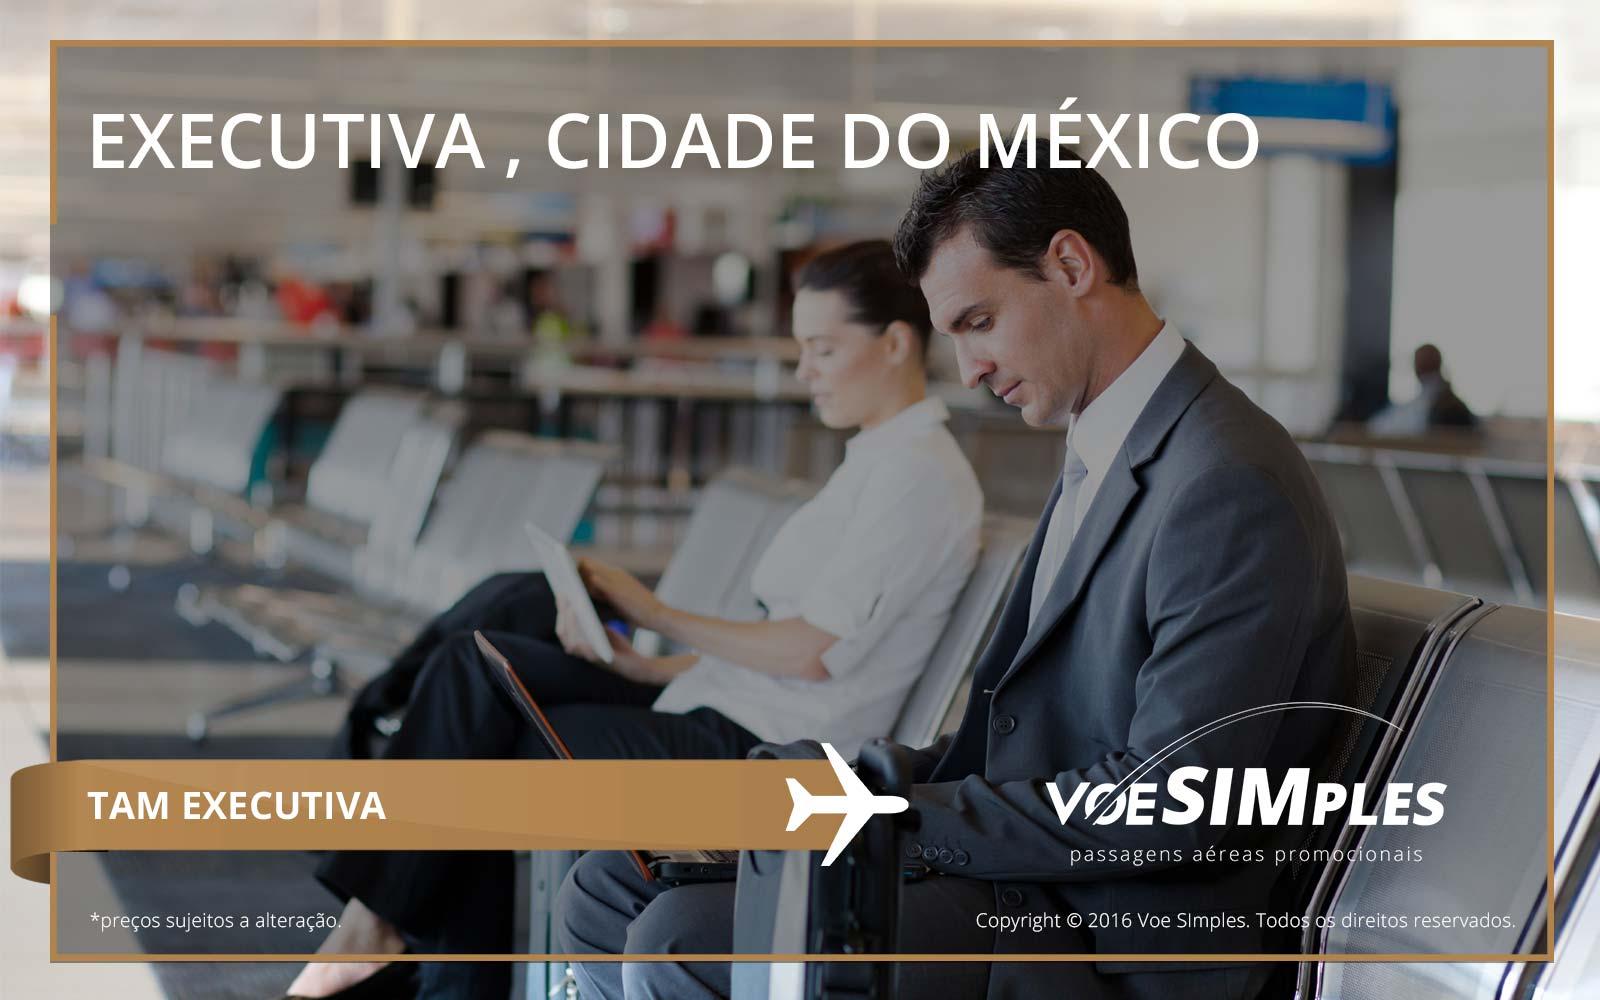 Passagem aérea Classe Executiva TAM para Cidade do México